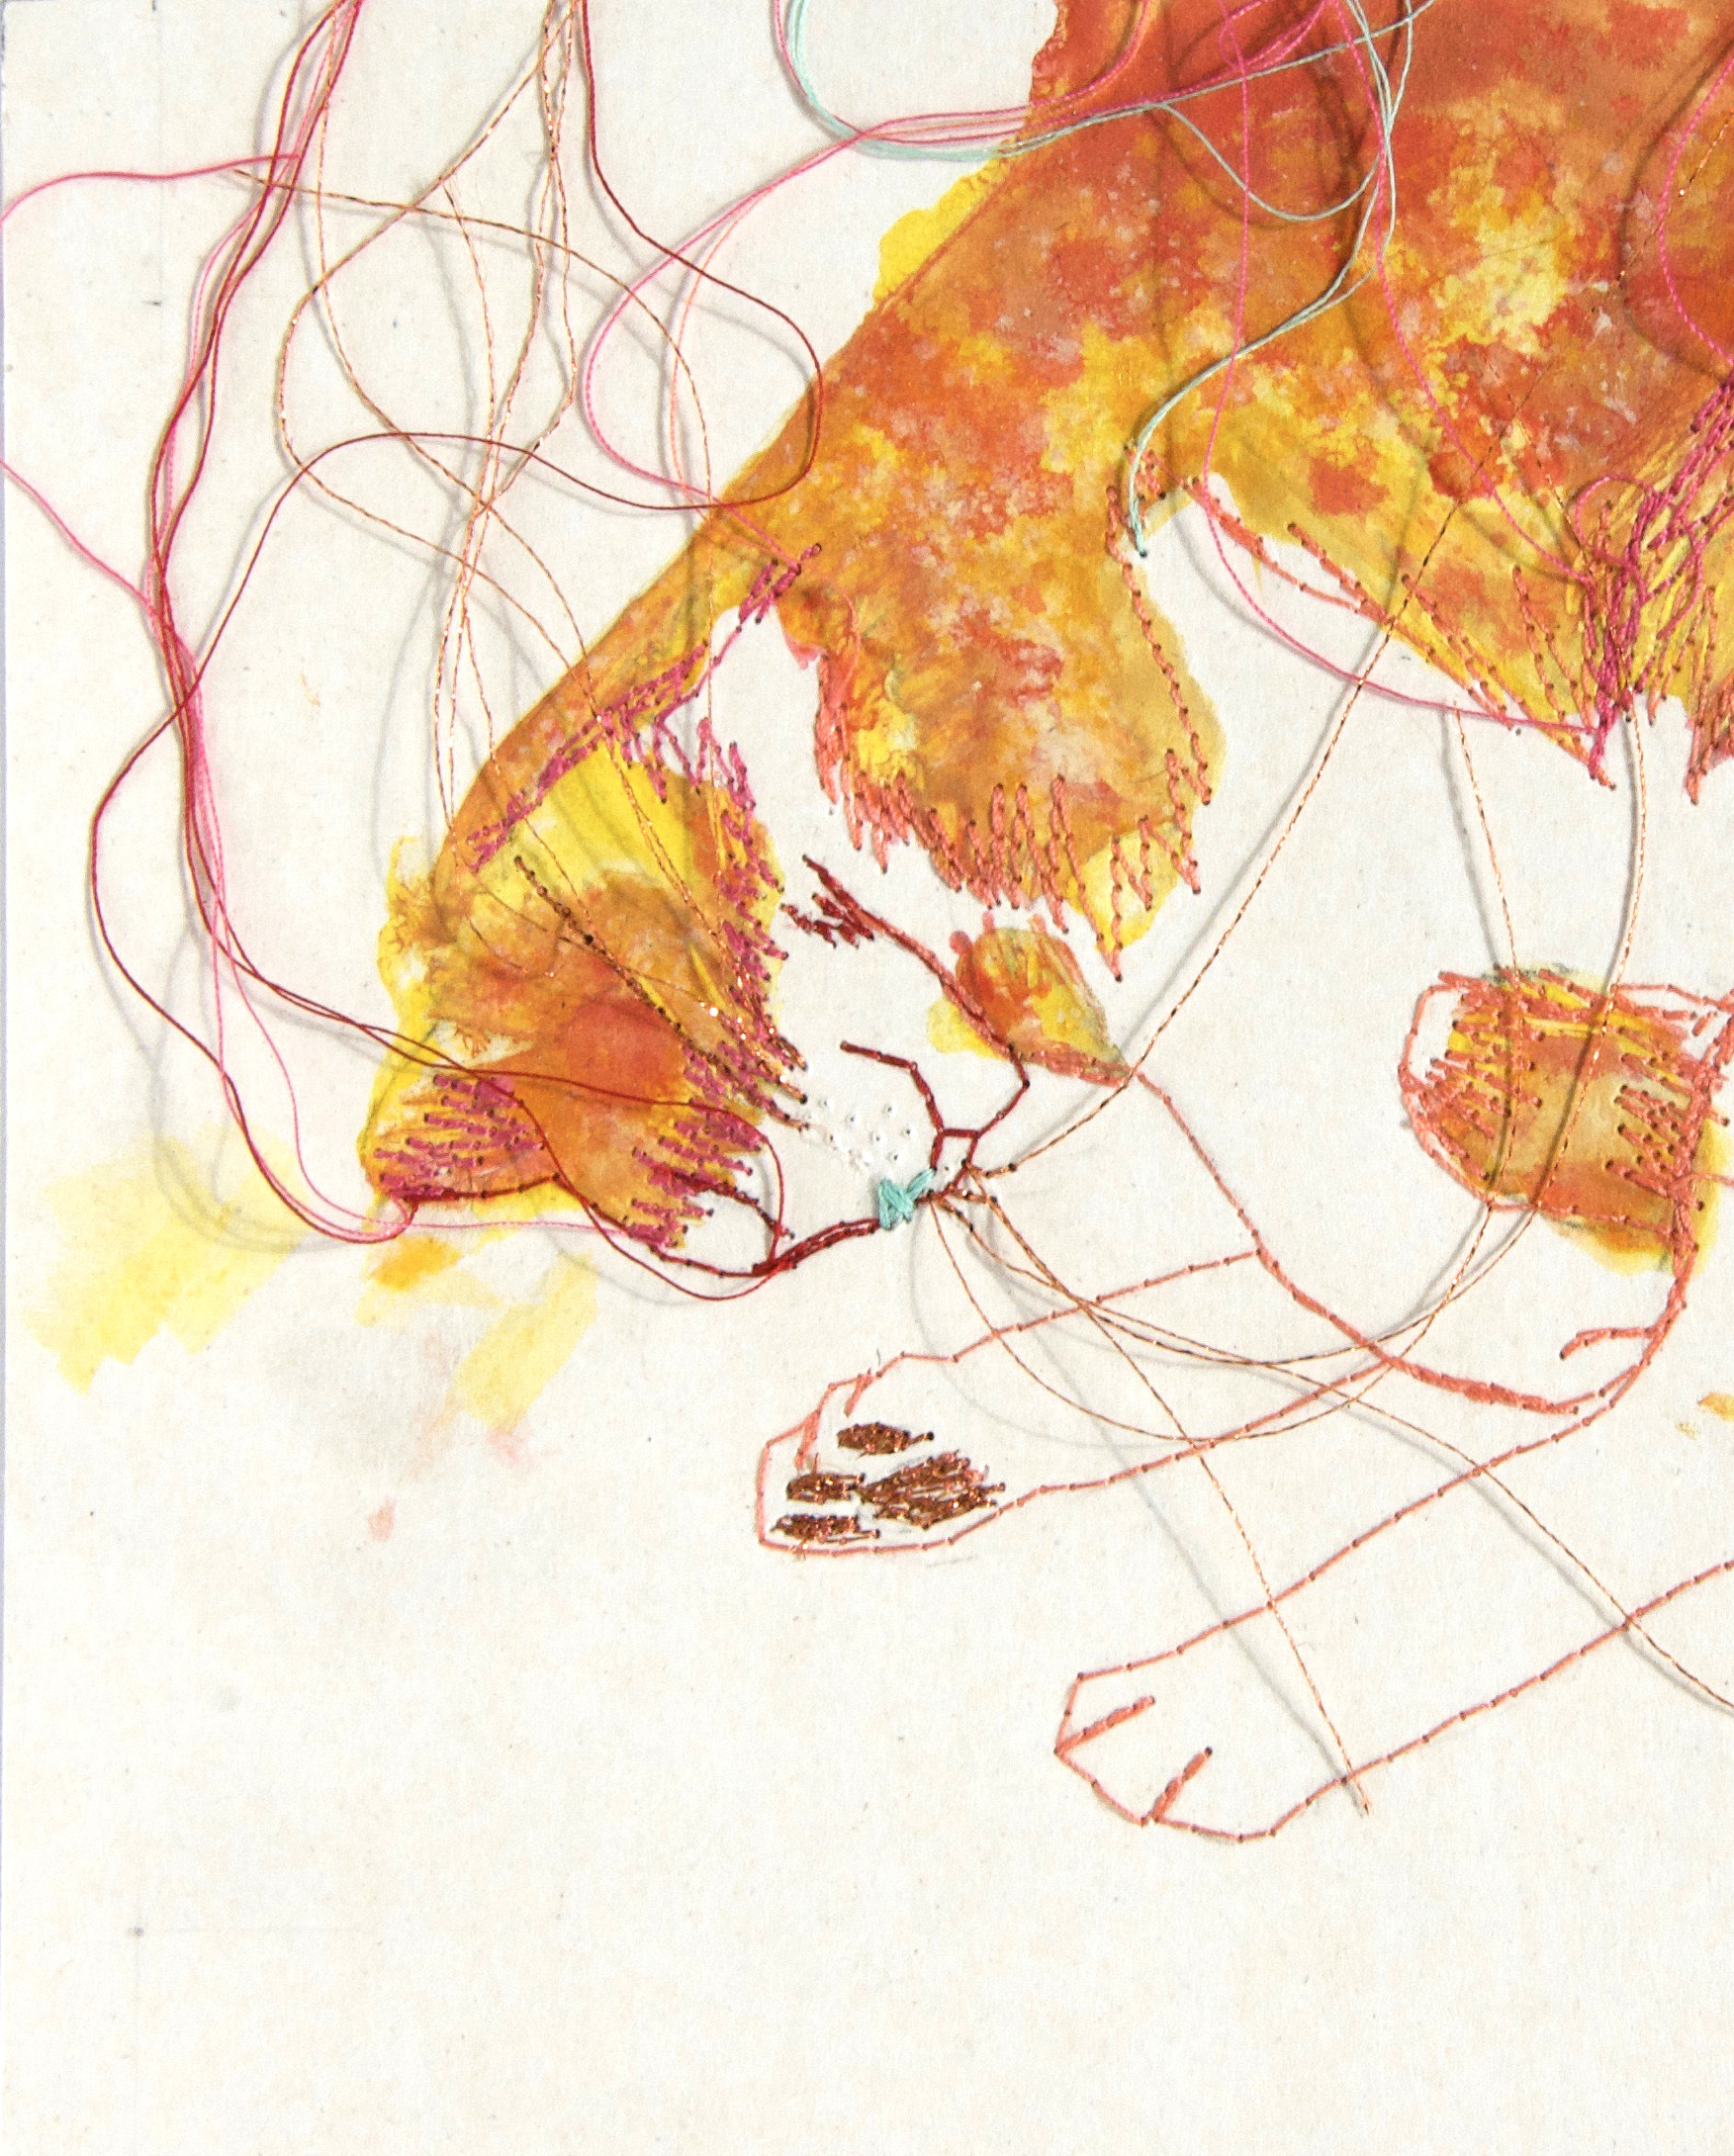 Tableau brodé Réna écoconception le chat qui rêve IV Besançon